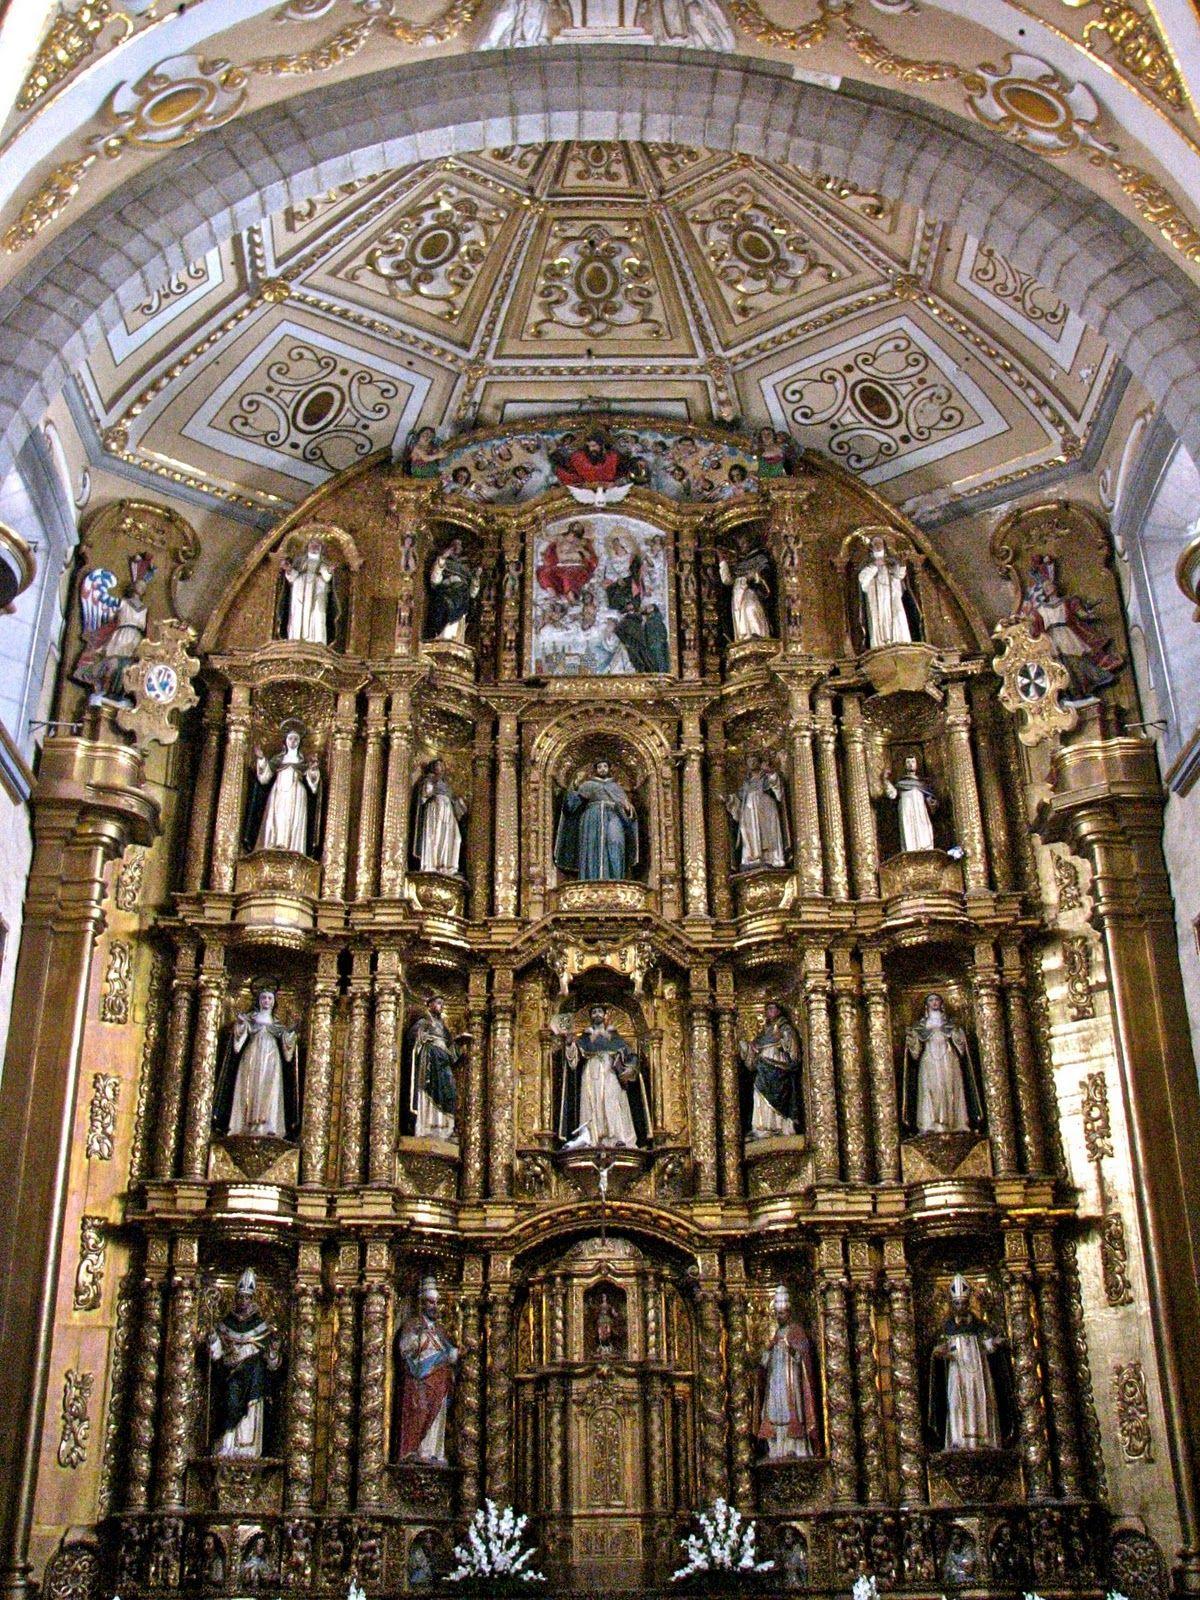 Convent of Santo Domingo's Capilla del Rosario retablo, Puebla, Mexico.